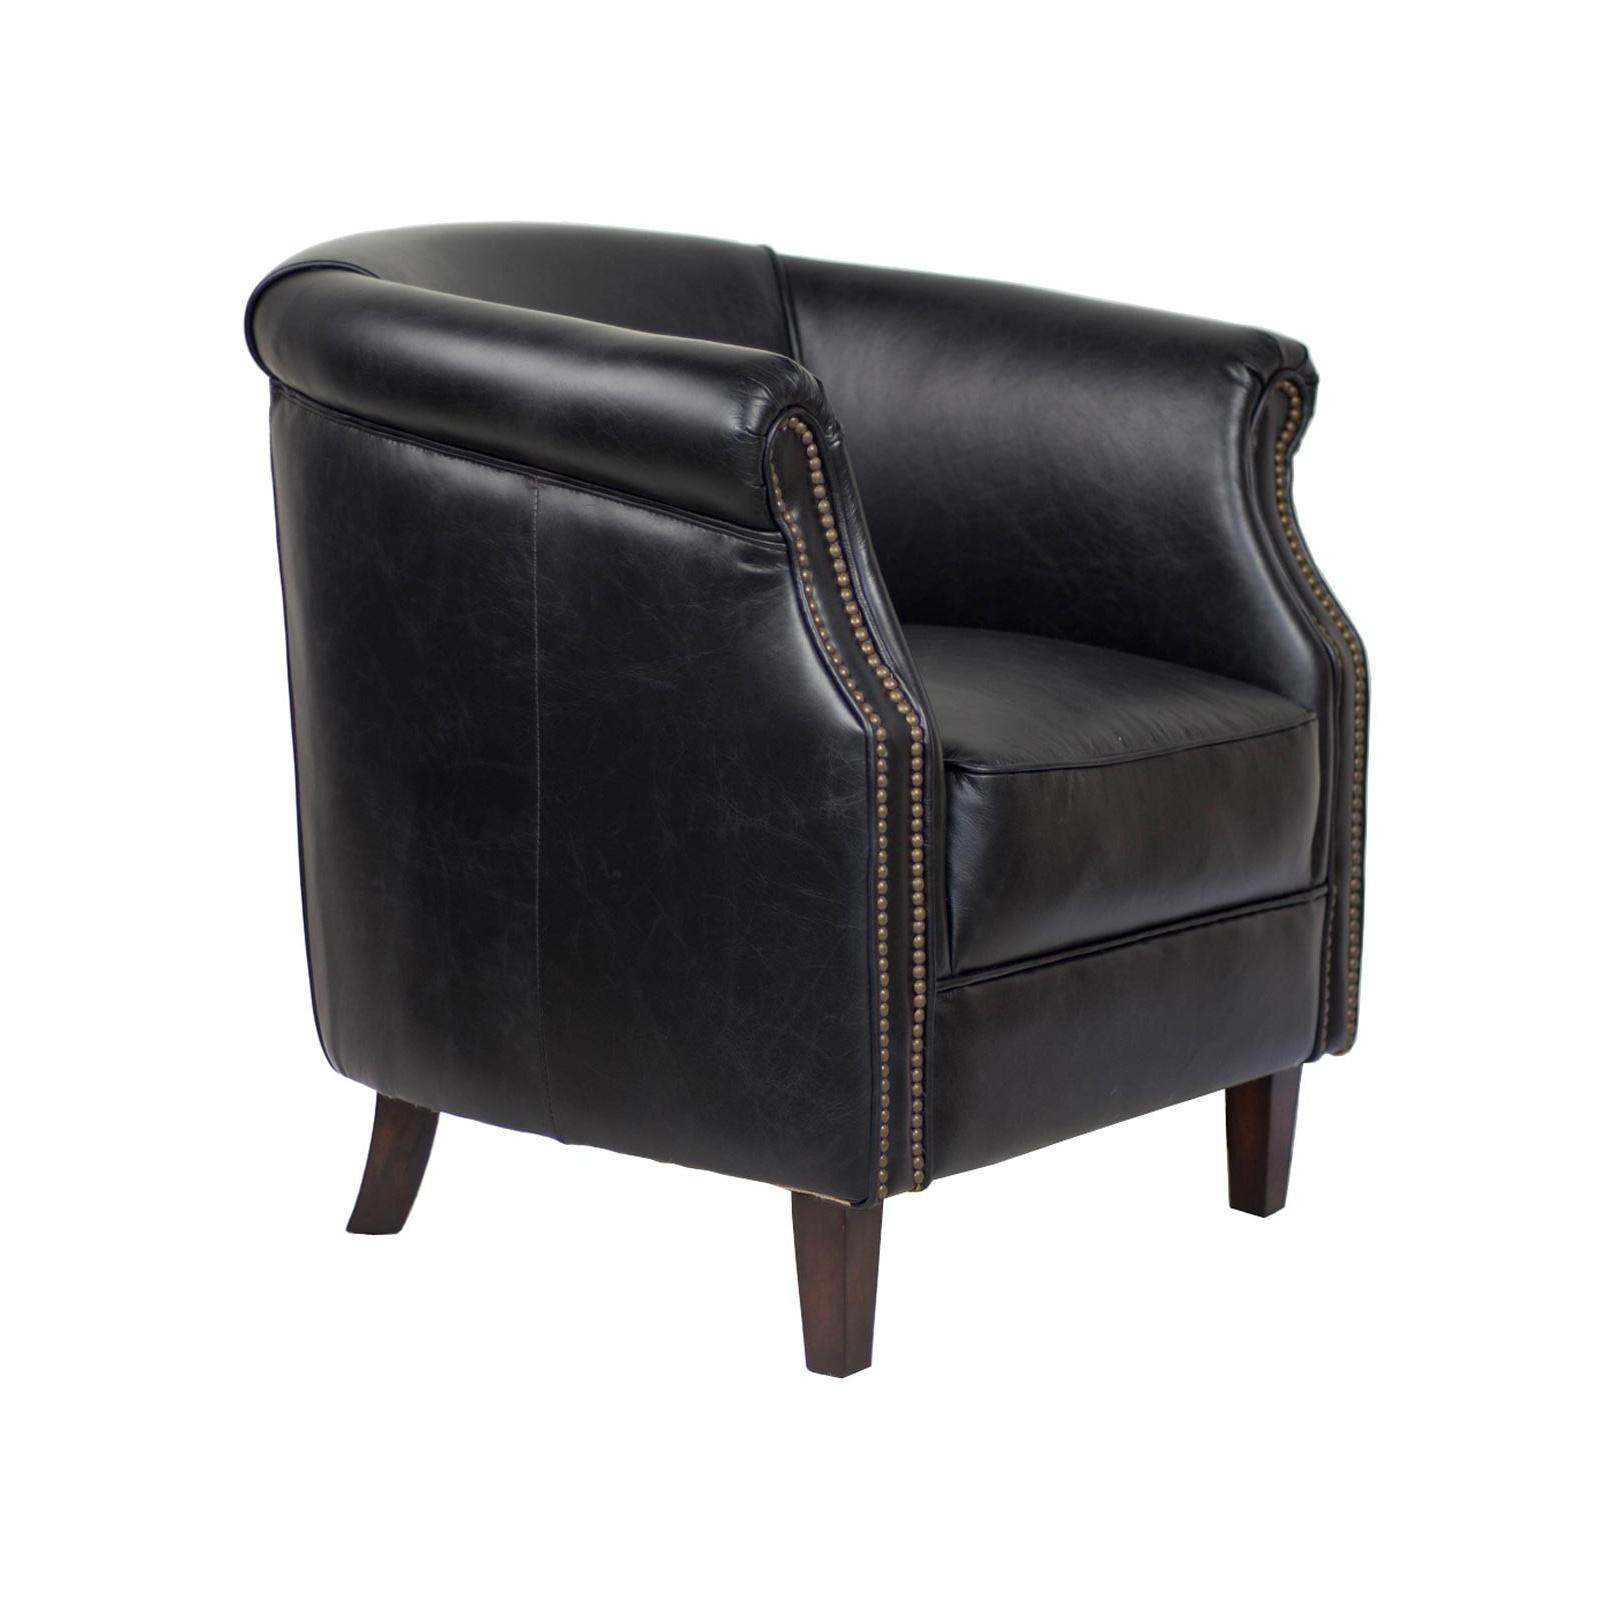 Fauteuil l oxford black jp2b d coration for Table exterieur oxford